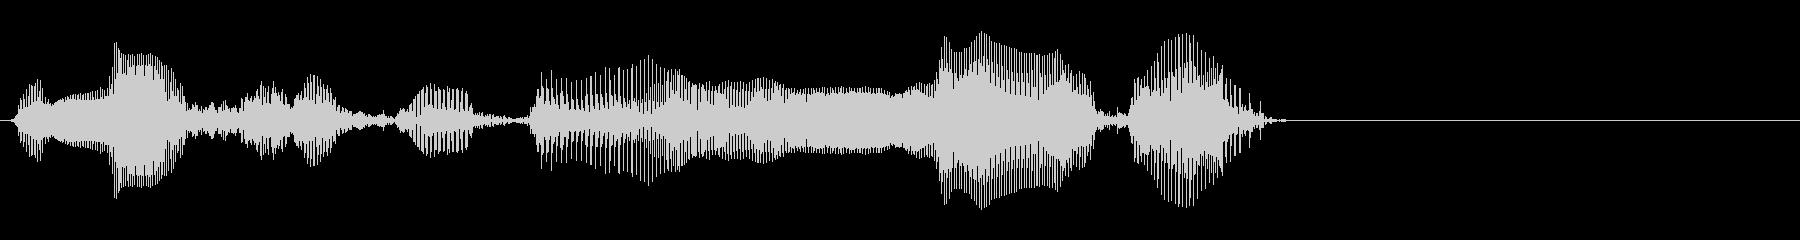 「今すぐダウンロード」(女声・ゆっくり)の未再生の波形